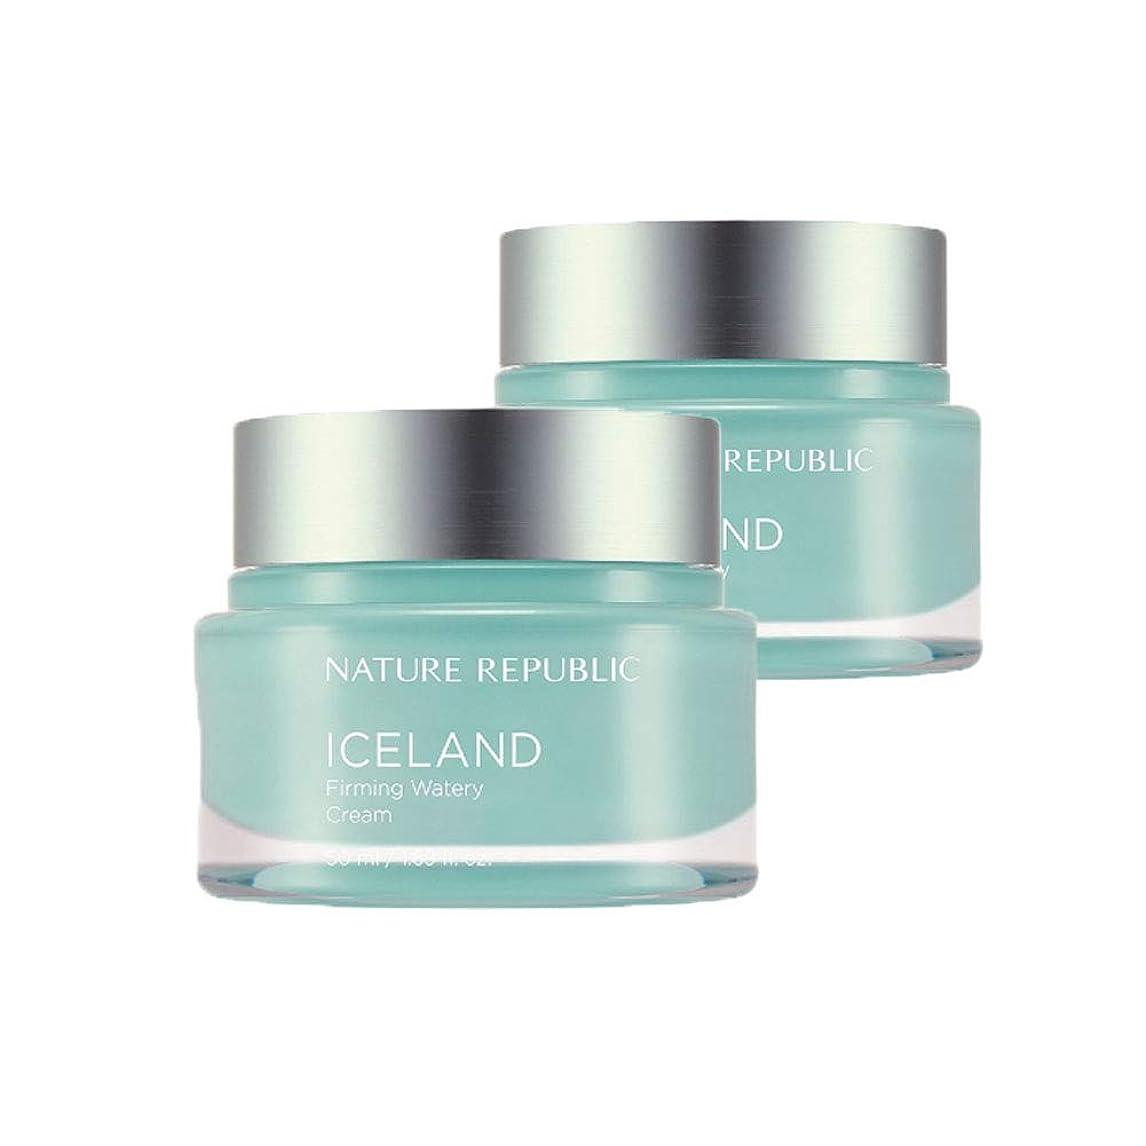 予想外しゃがむ狭いネイチャーリパブリックアイスランドファーミング水分クリーム50mlx2本セット韓国コスメ、Nature Republic Iceland Firming Watery Cream 50ml x 2ea Set Korean Cosmetics [並行輸入品]